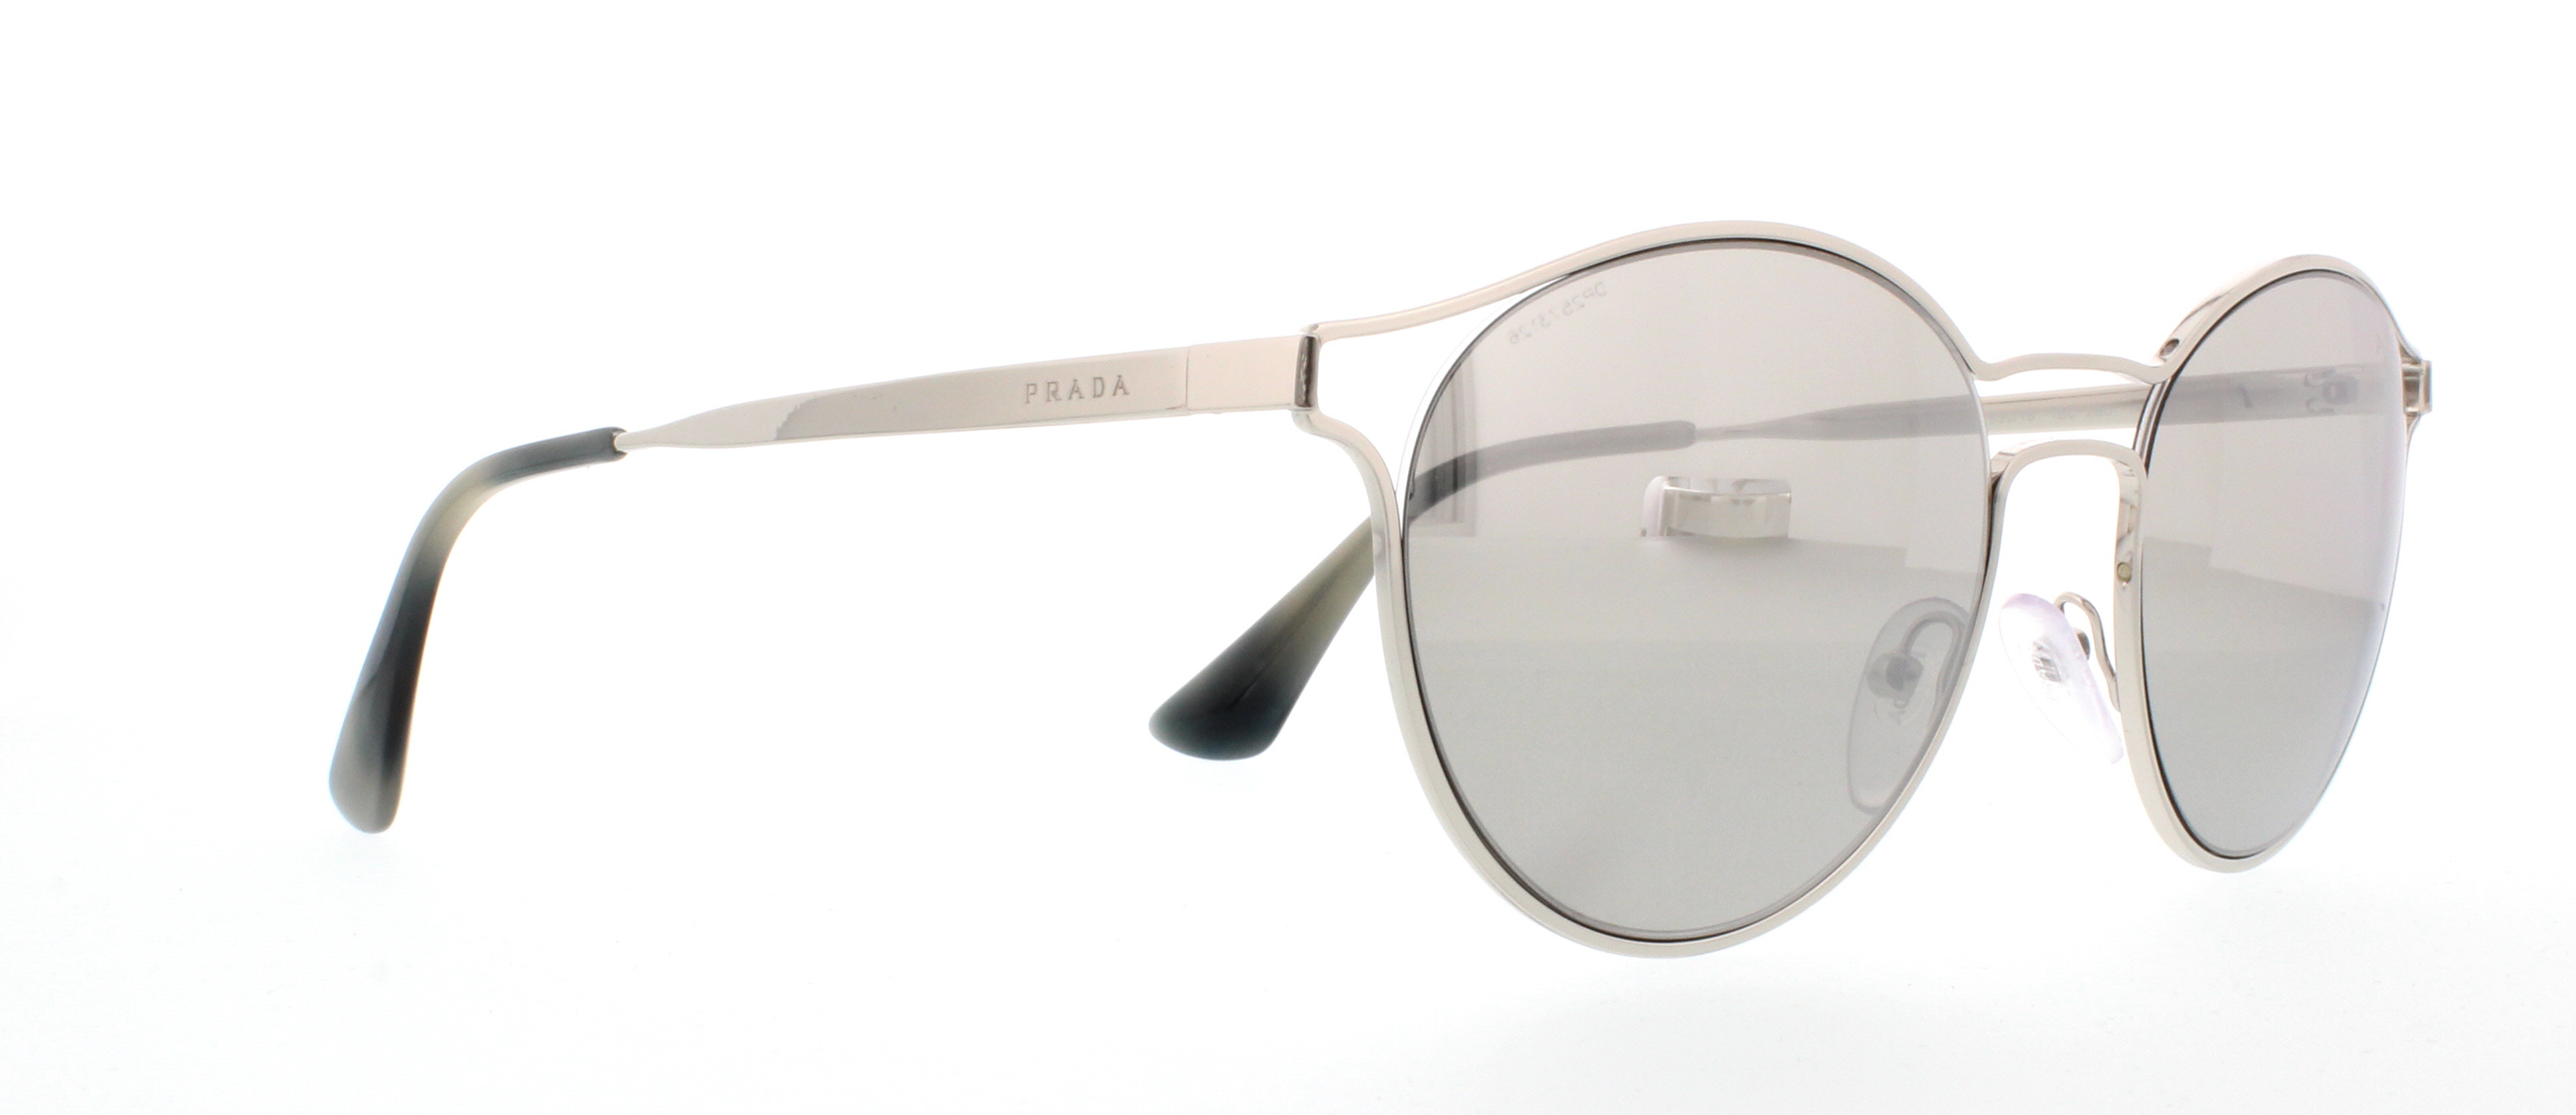 Prada Cinema Sonnenbrille Silber 1BC2B0 53mm cq8O5O3gs